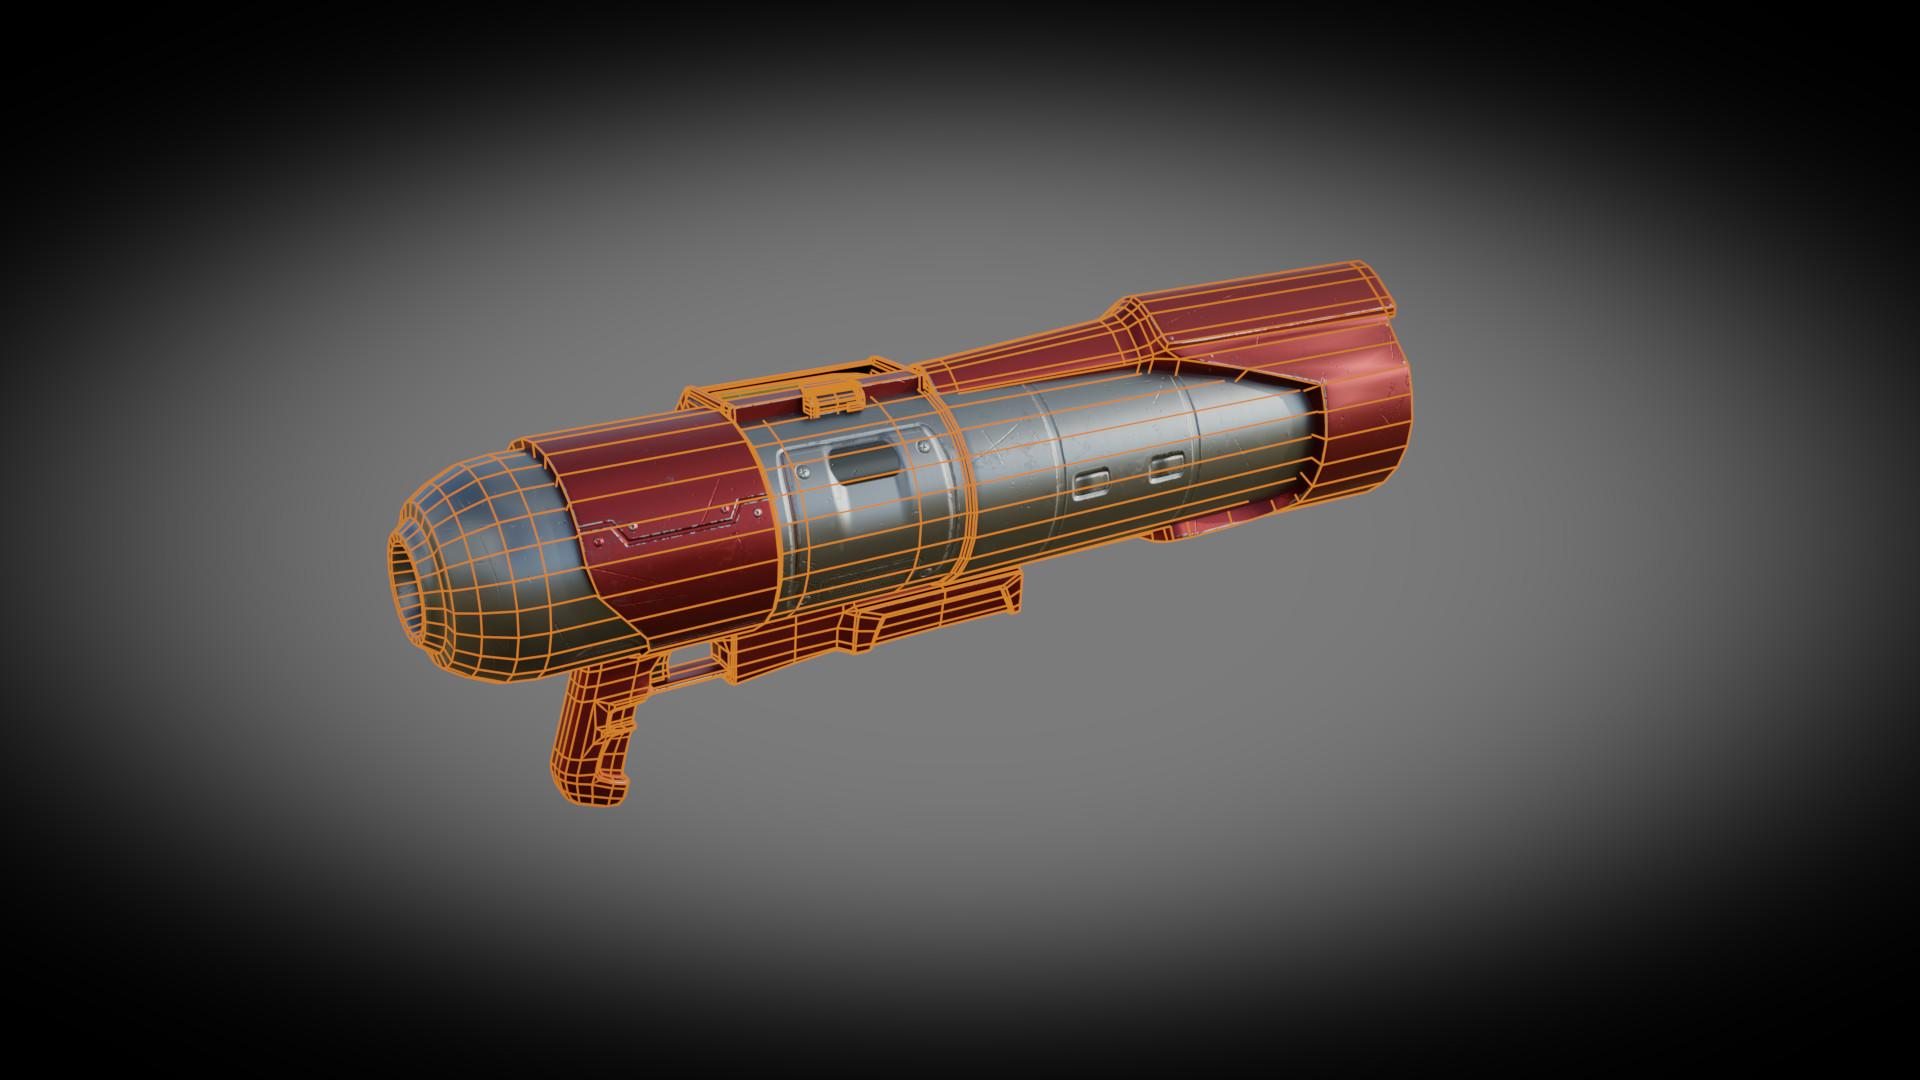 Emanuel cacciola rocket wireframe 2